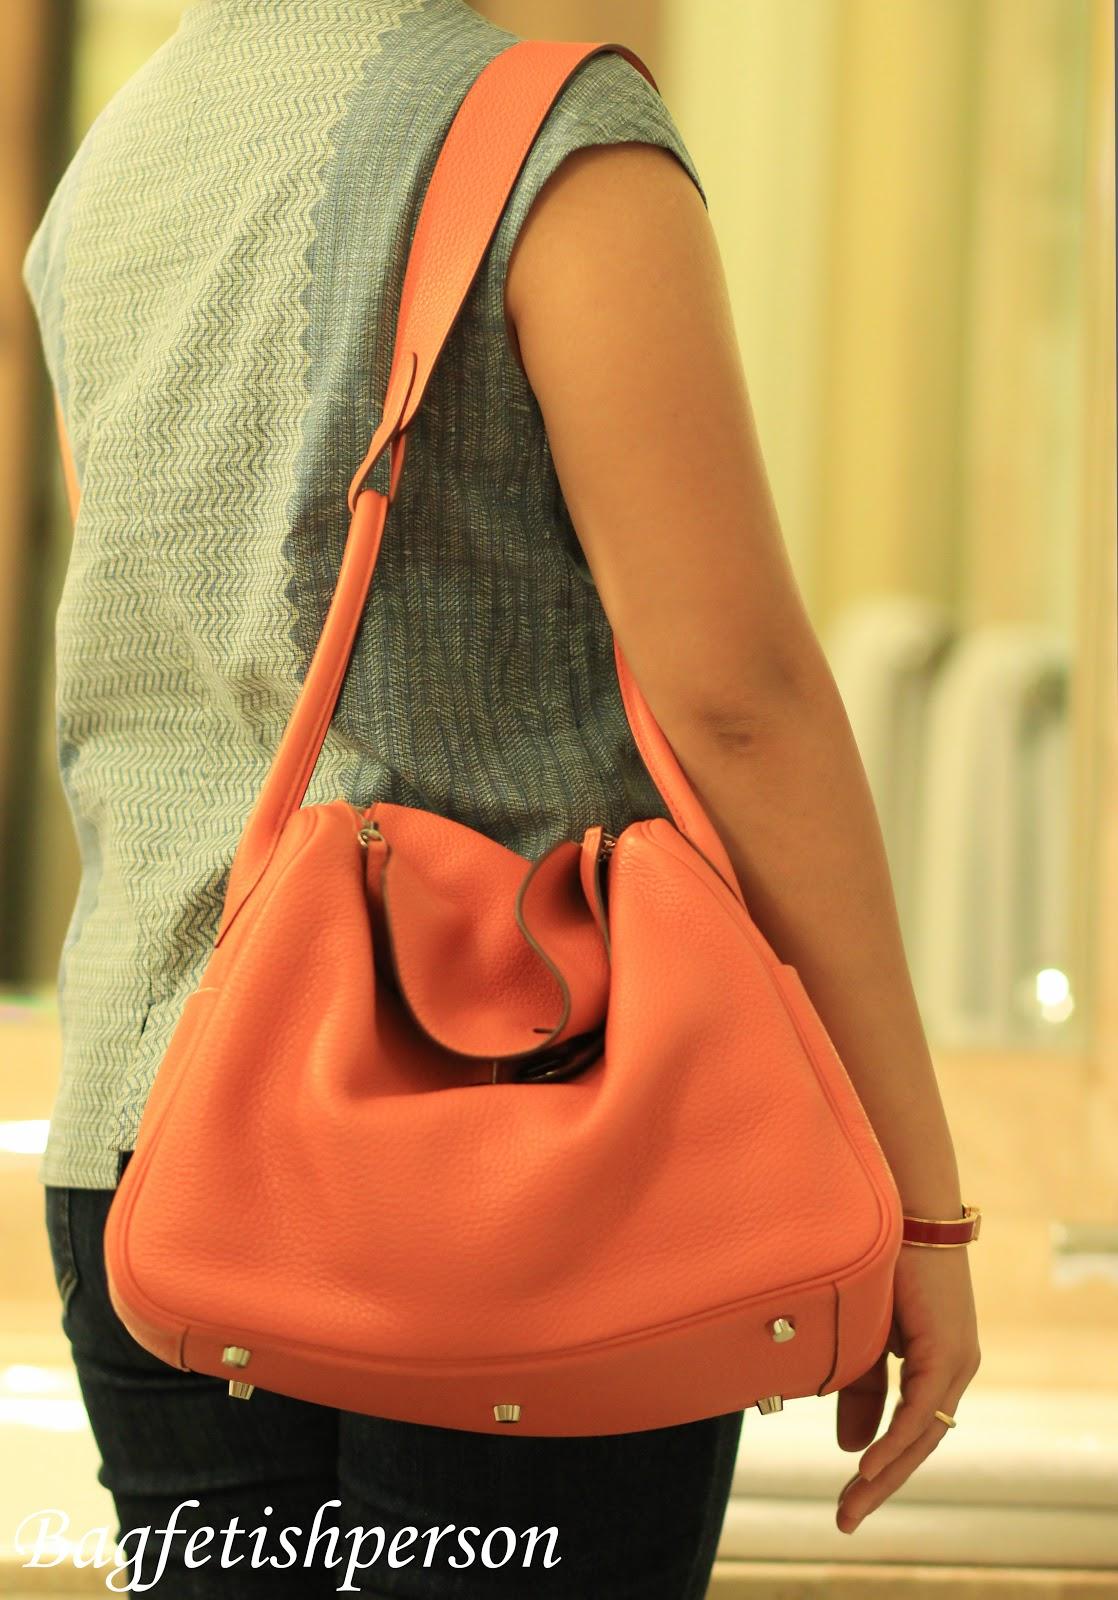 bagfetishperson: Bag of the day: Hermes Lindy 34 orange